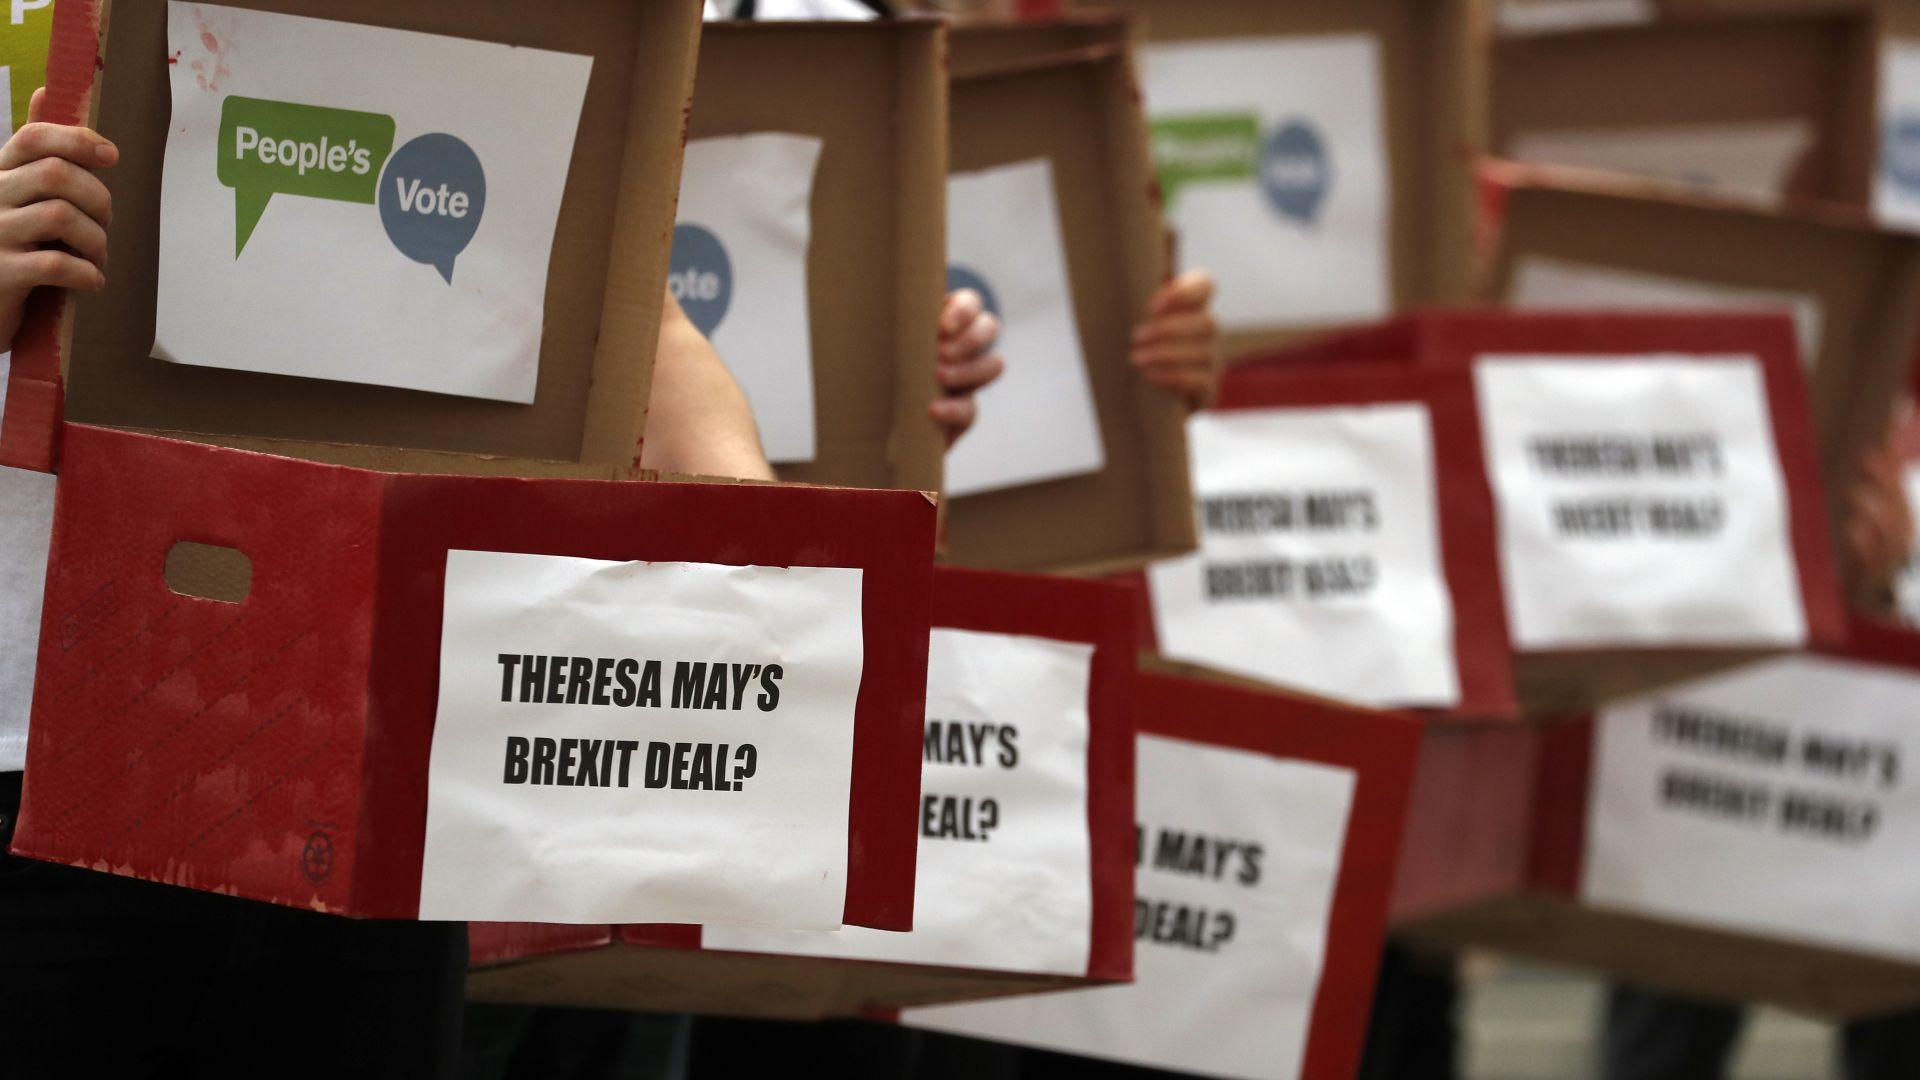 Стотина европейски депутати изявиха готовност да подкрепят евентуална молба на